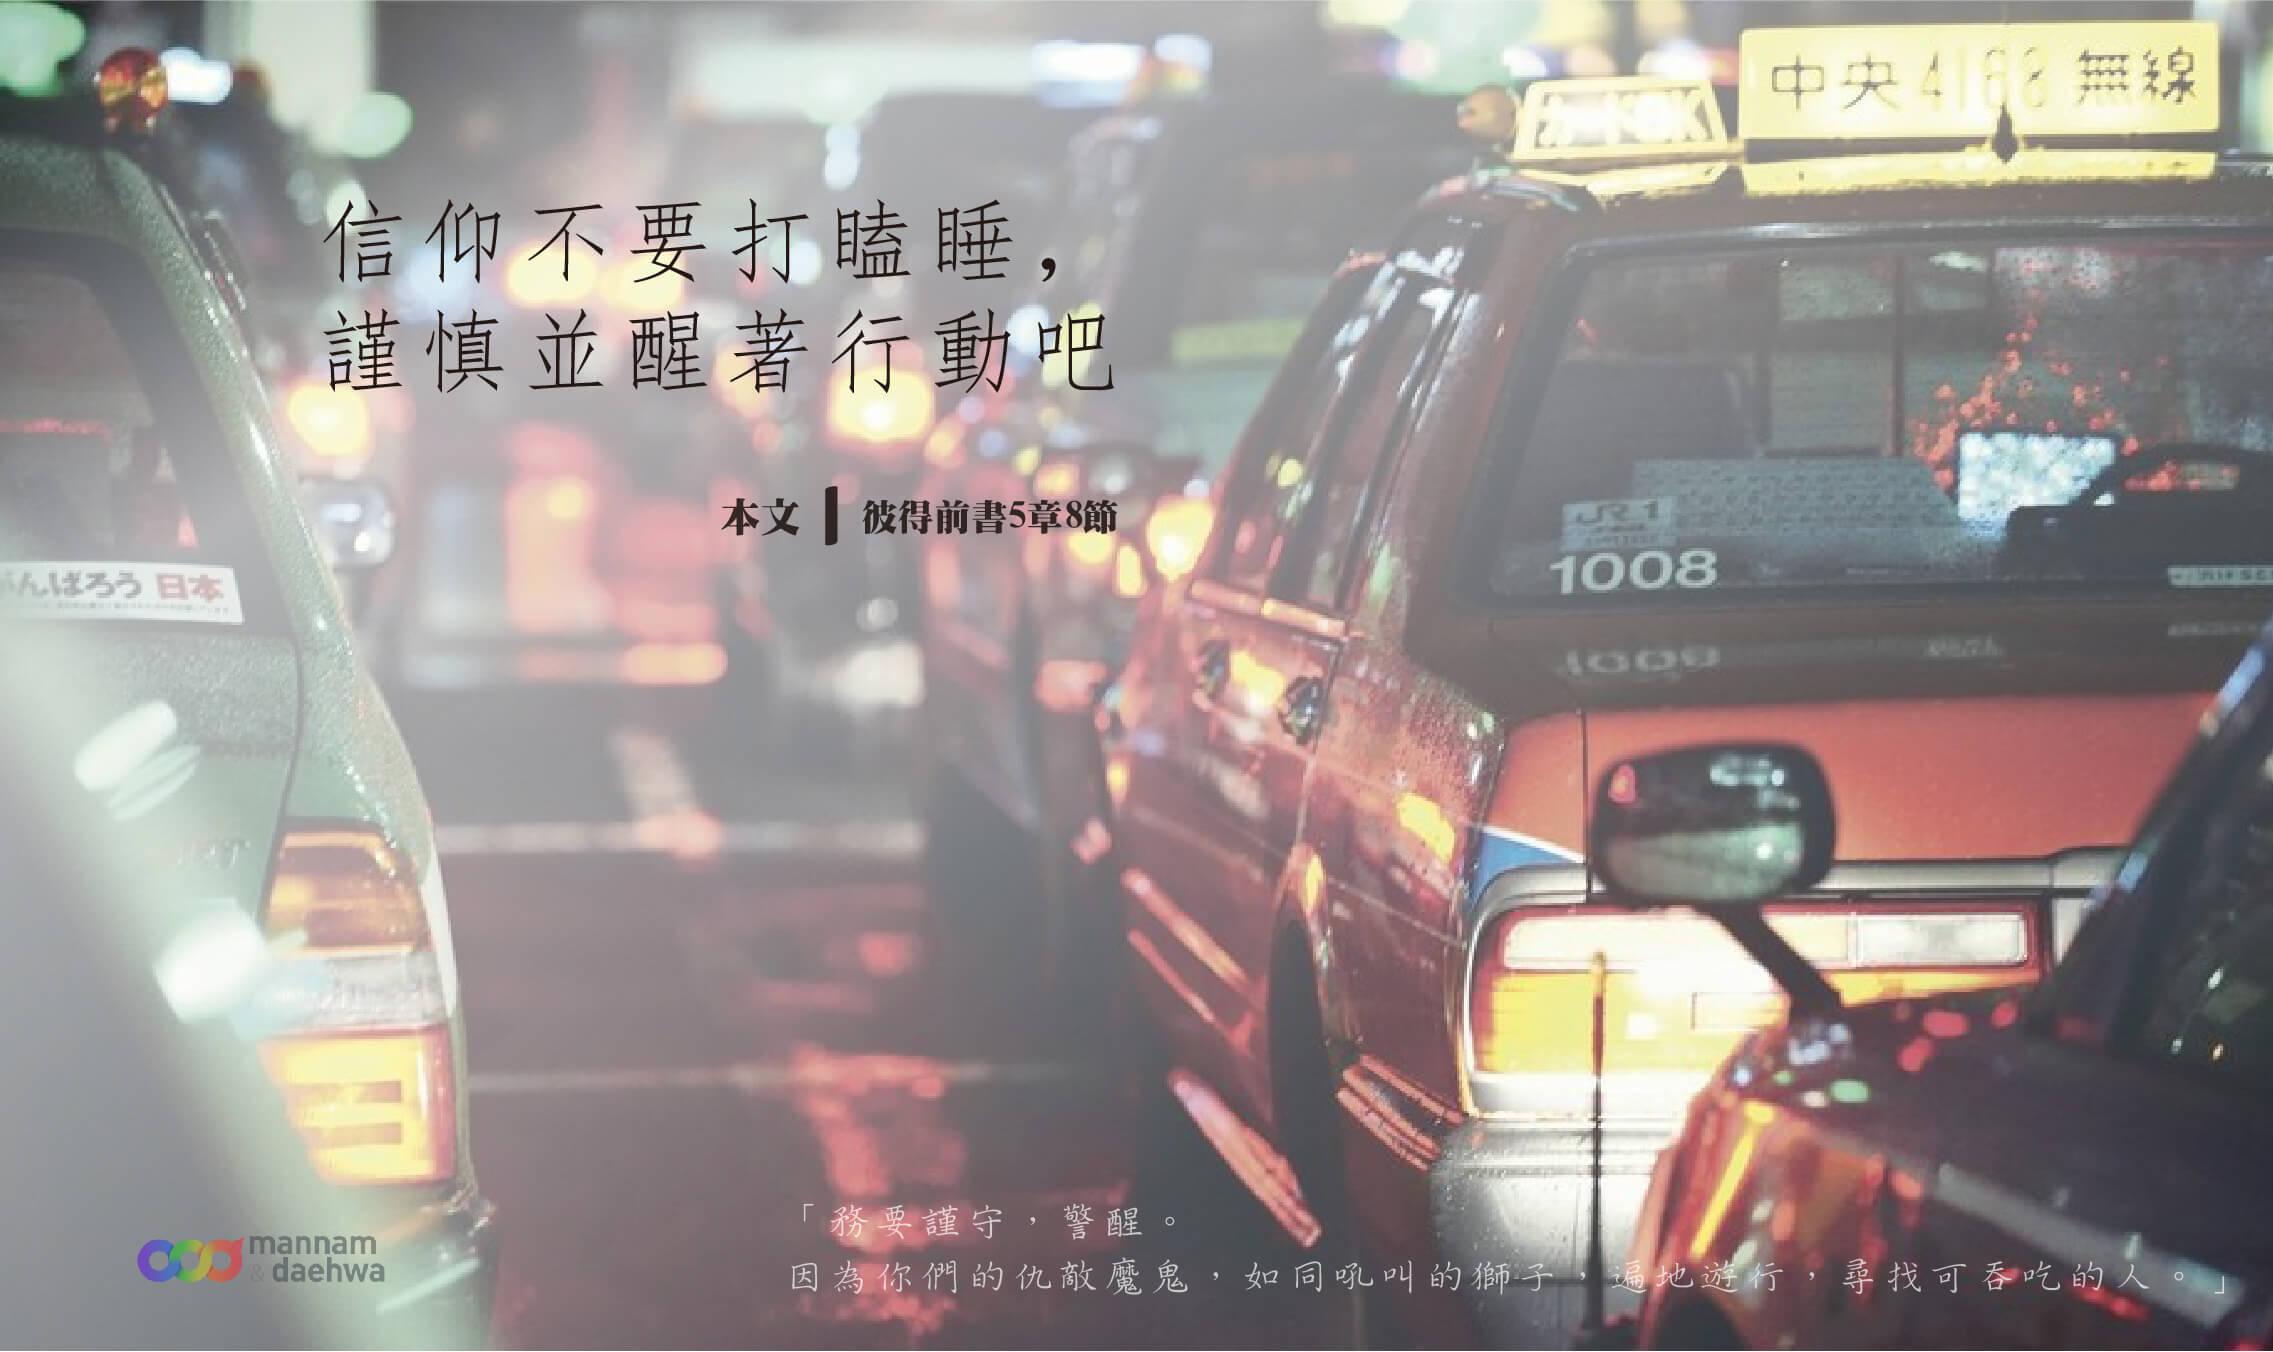 2016-09-25主日禮拜~信仰不要打瞌睡,謹慎並醒著行動吧